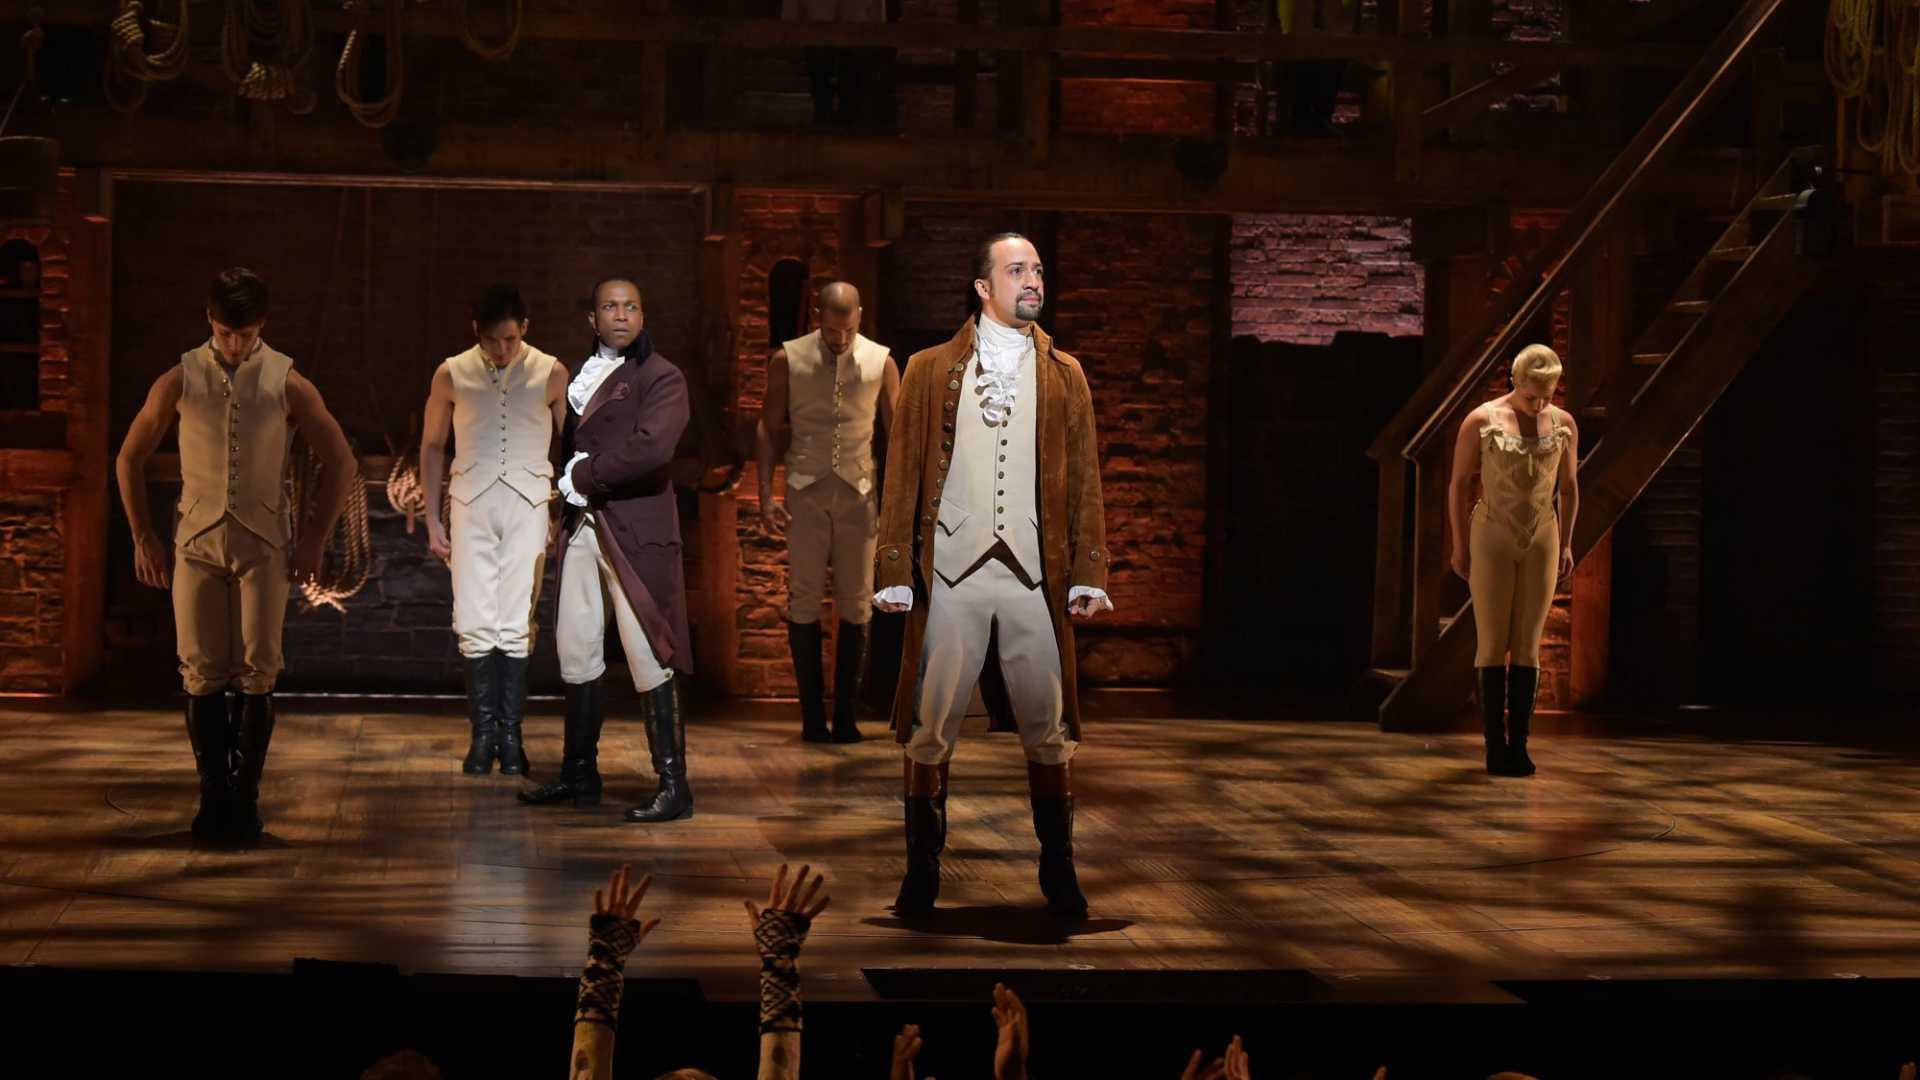 3 Marketing Lessons From Broadway's 'Hamilton' and Its 11 Tony Awards